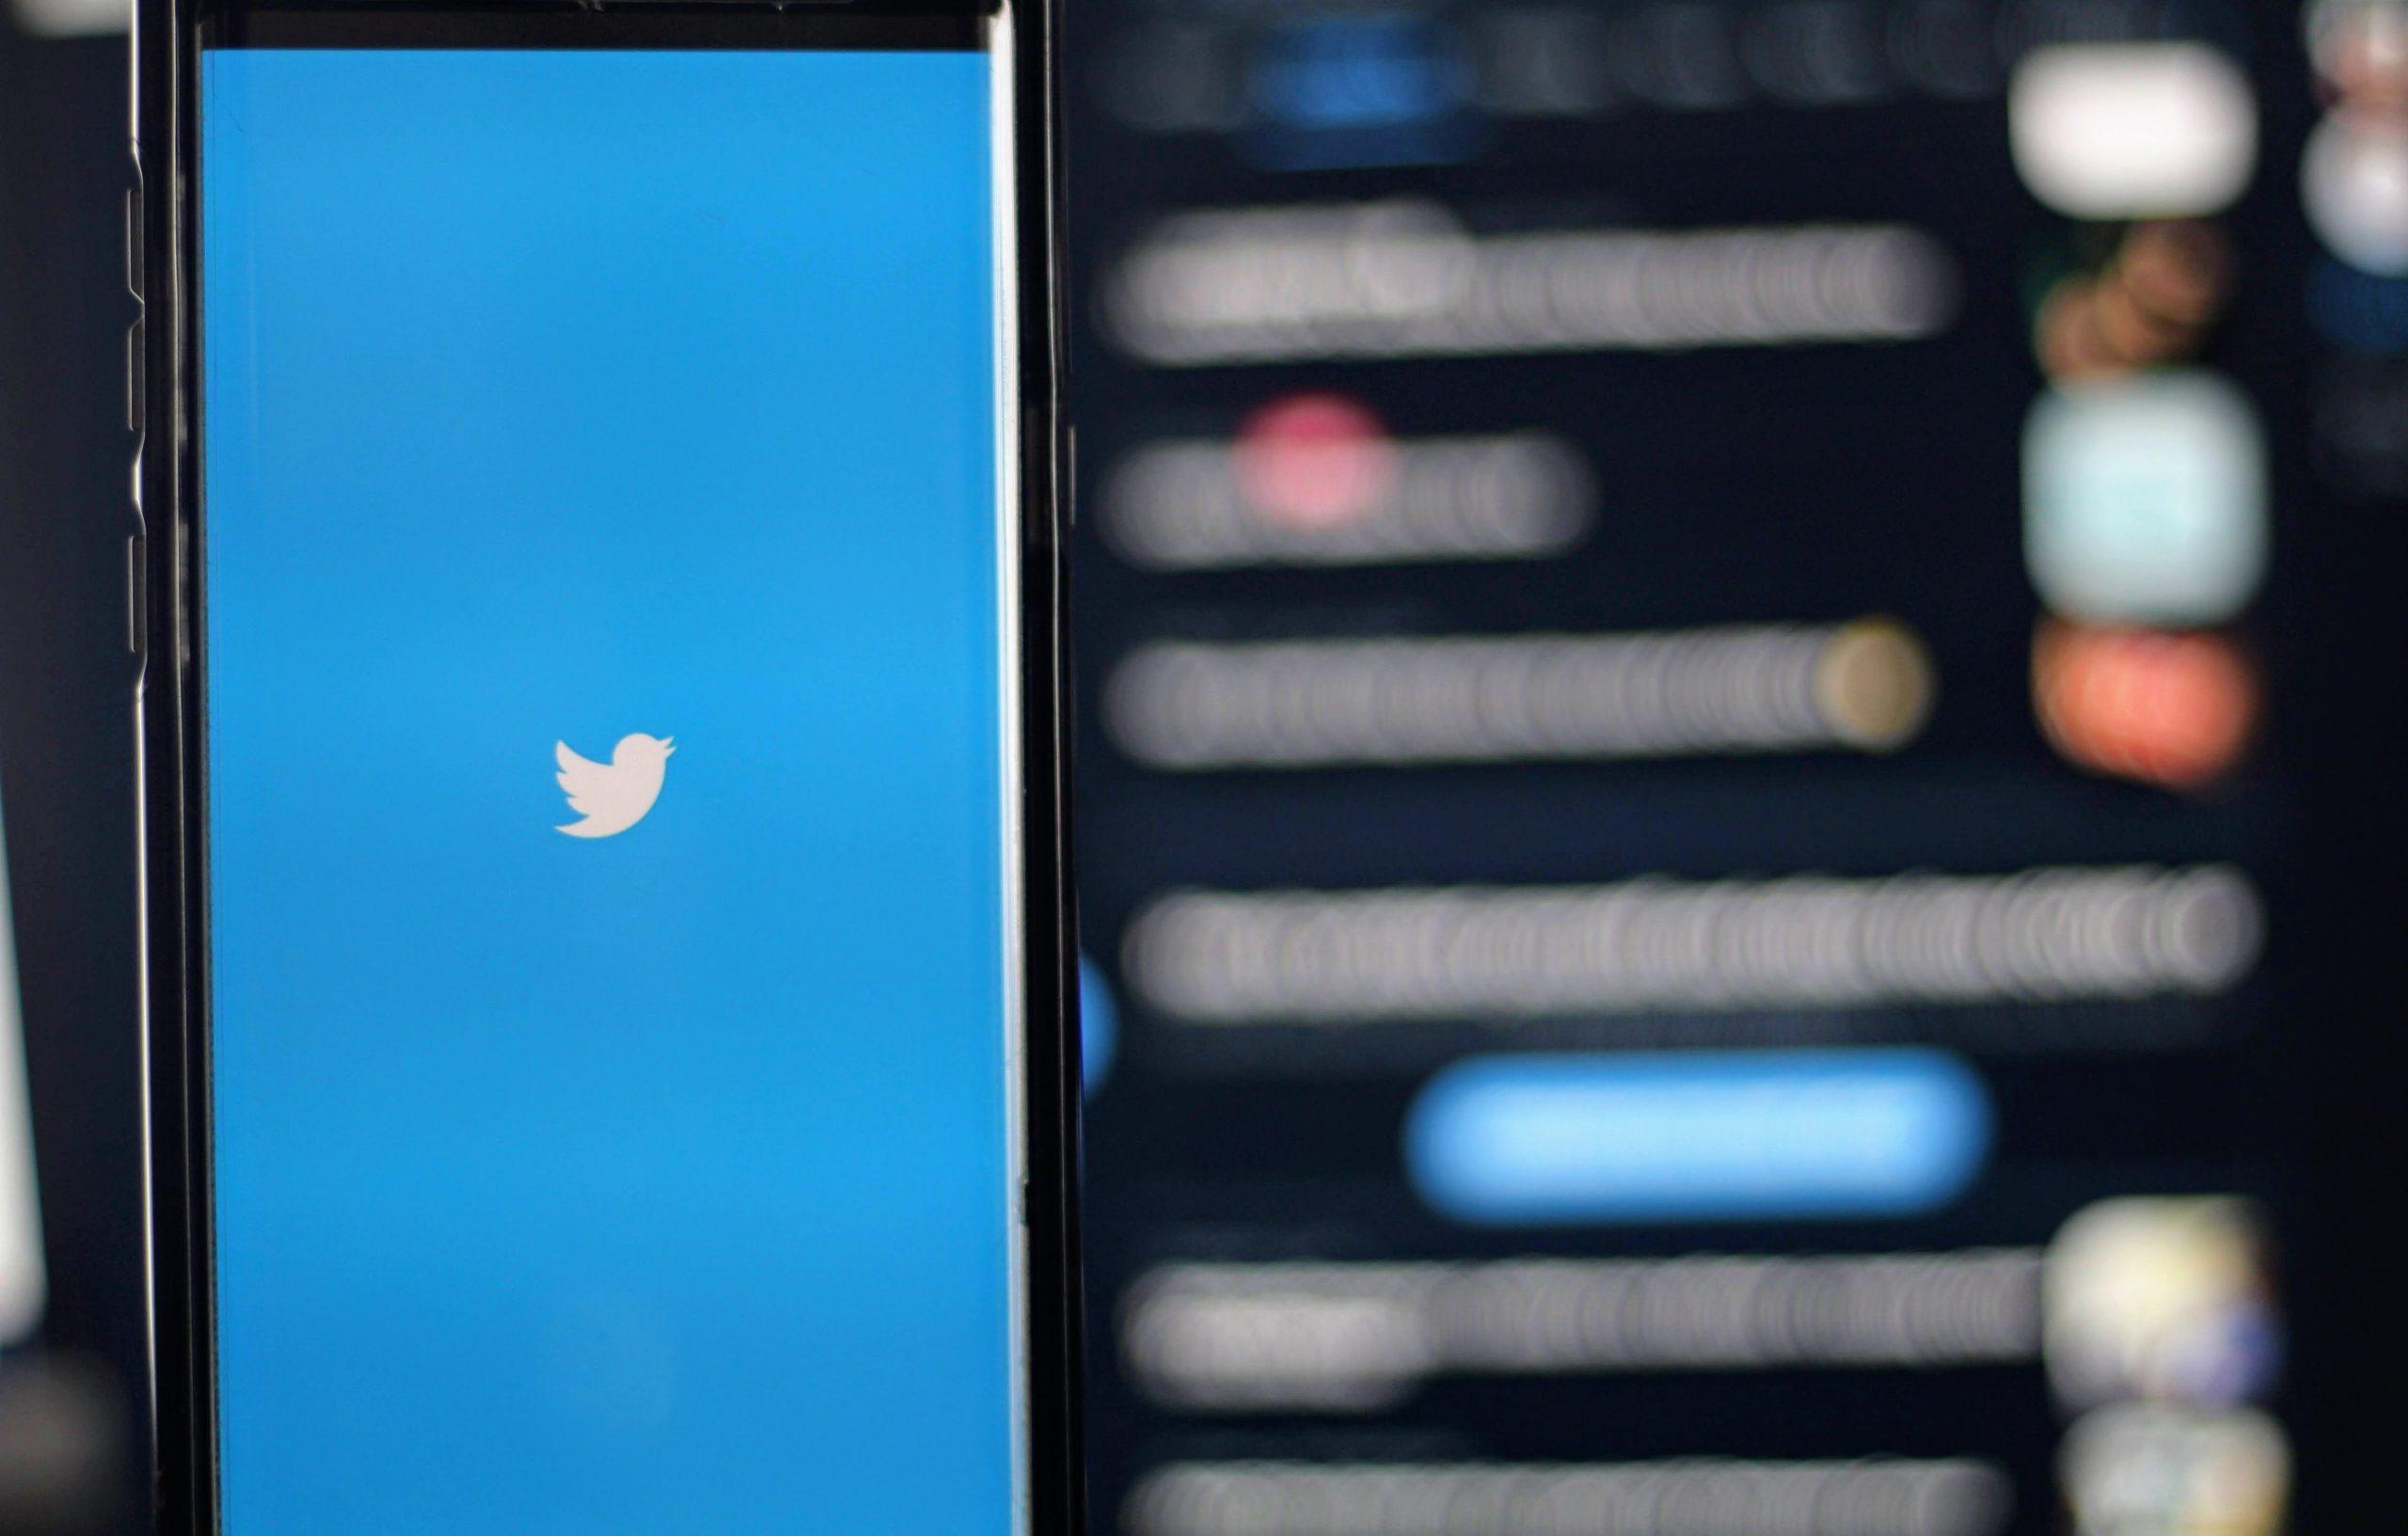 Suporte Multiplas chaves autenticação Twitter